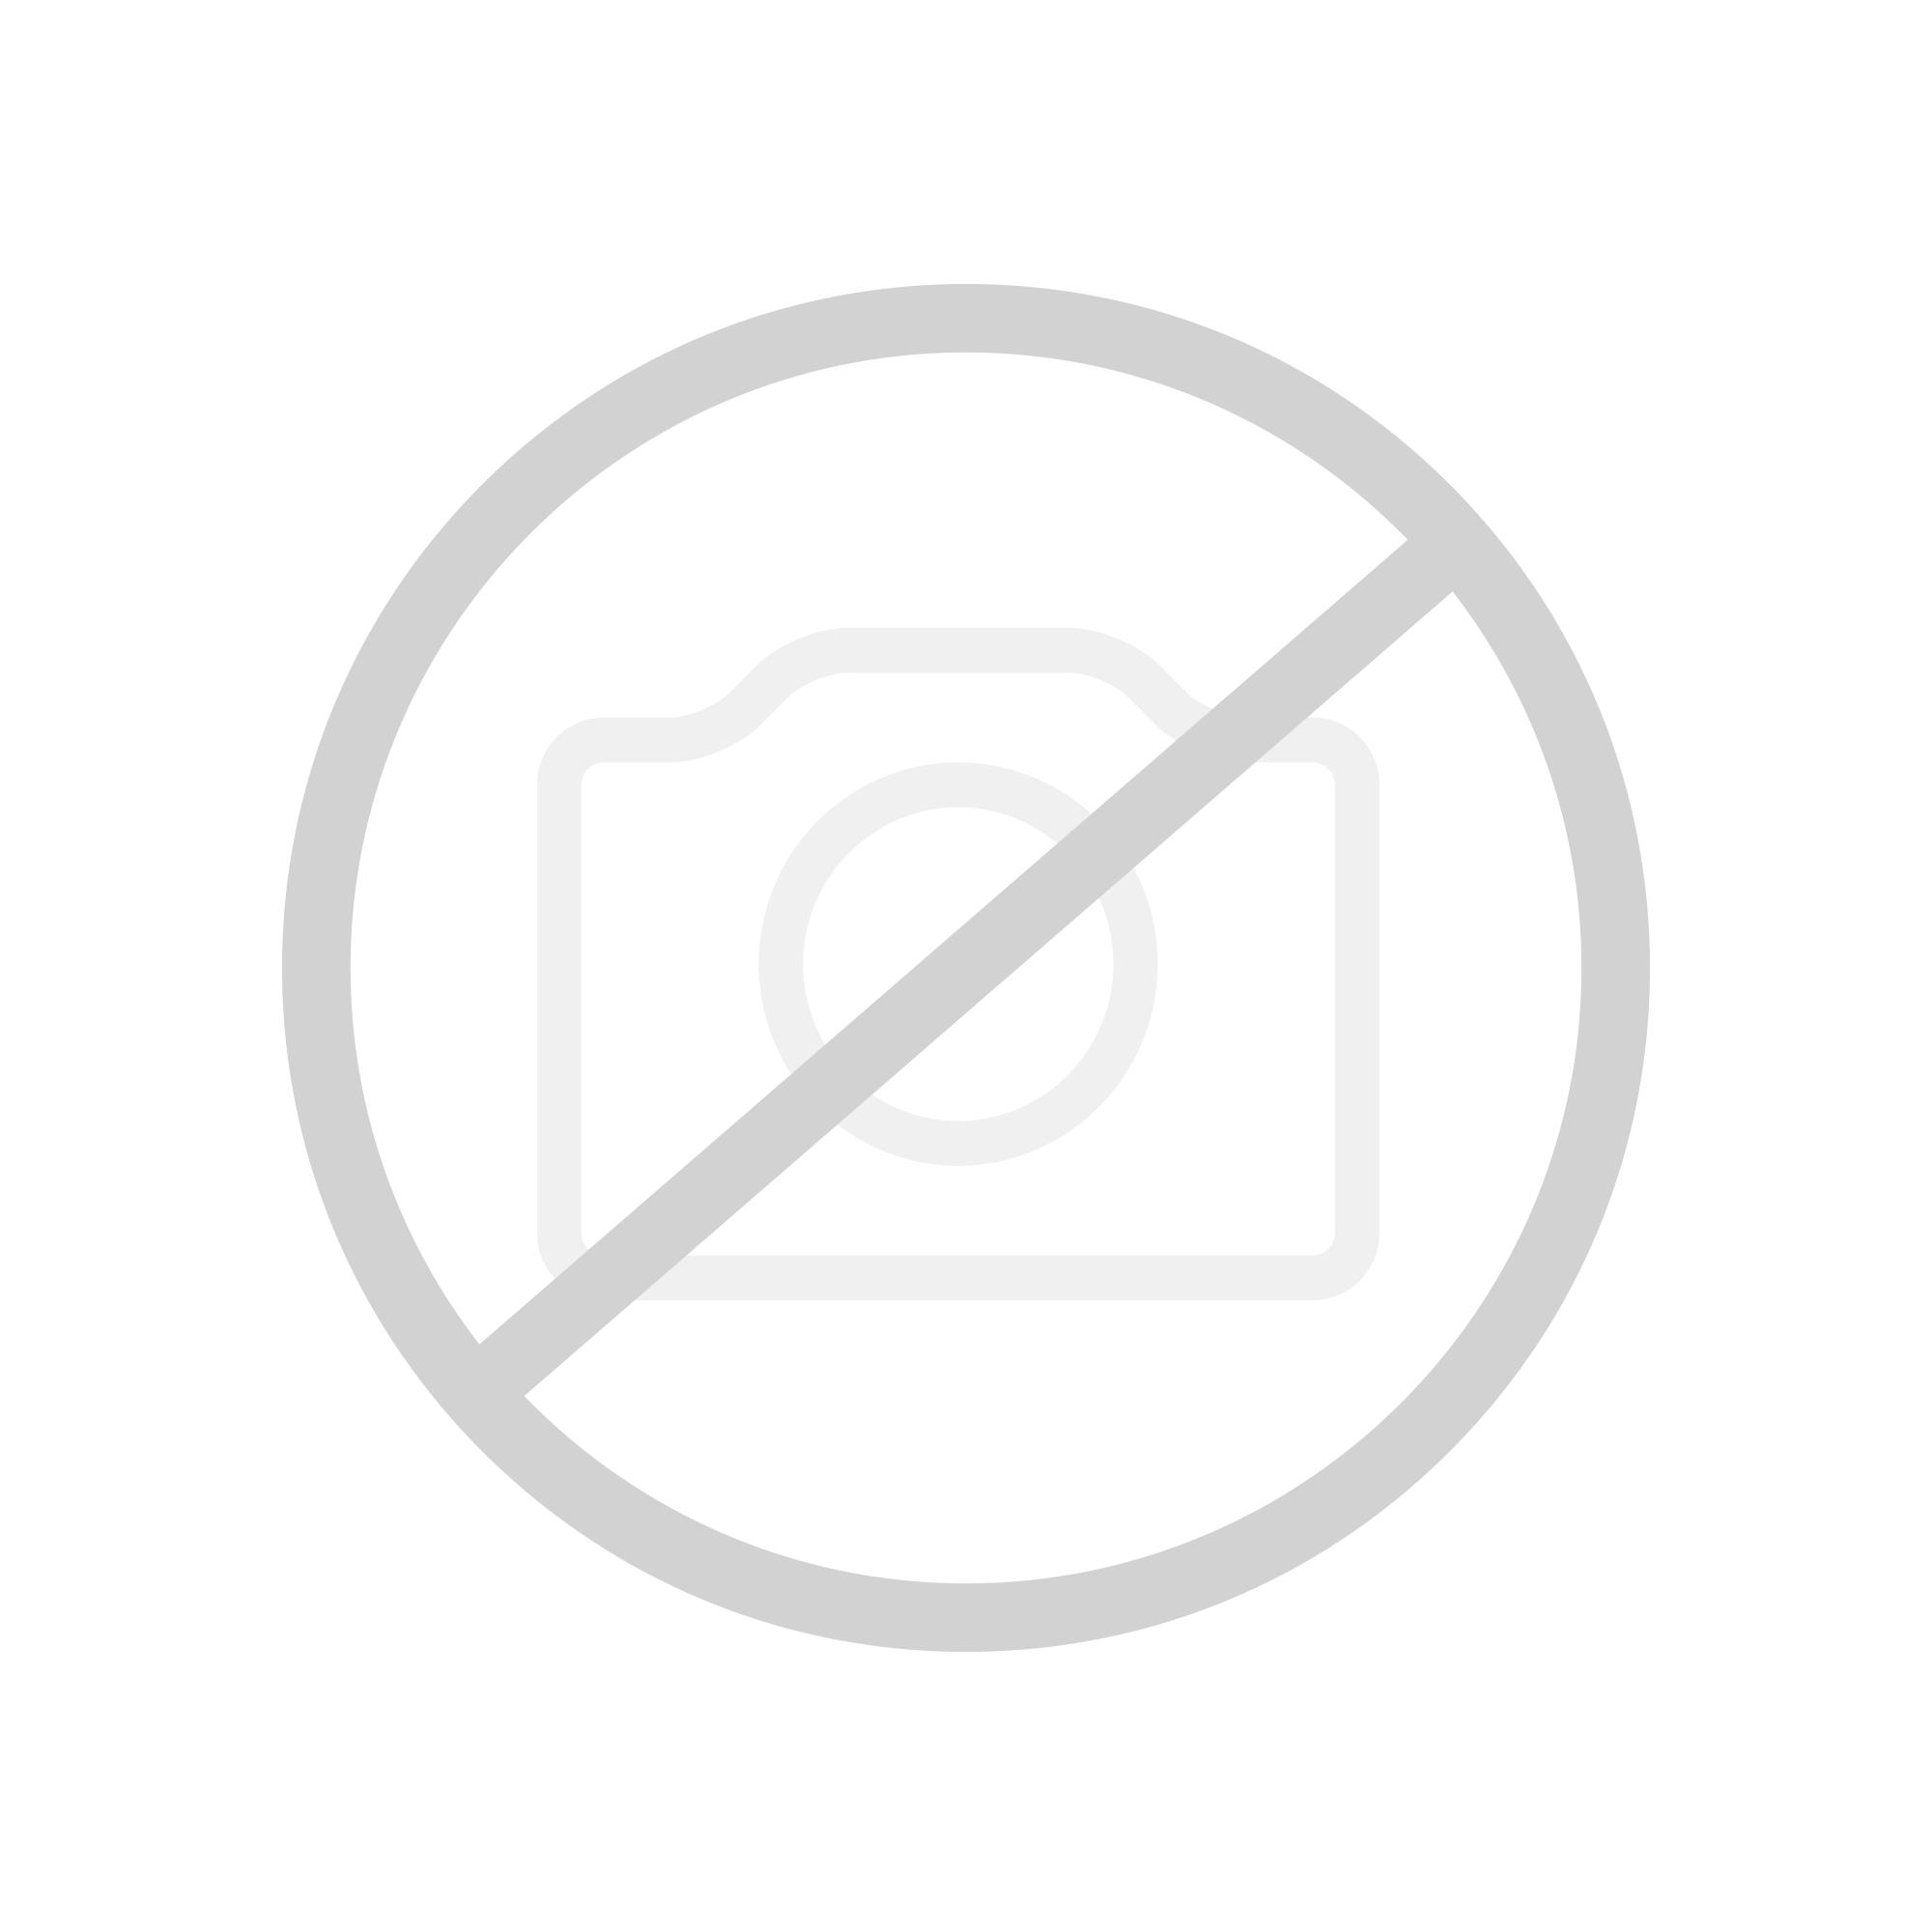 Kludi BALANCE Waschschüssel-Einhandmischer ohne Ablaufgarnitur, H: 272 mm DN 10 chrom